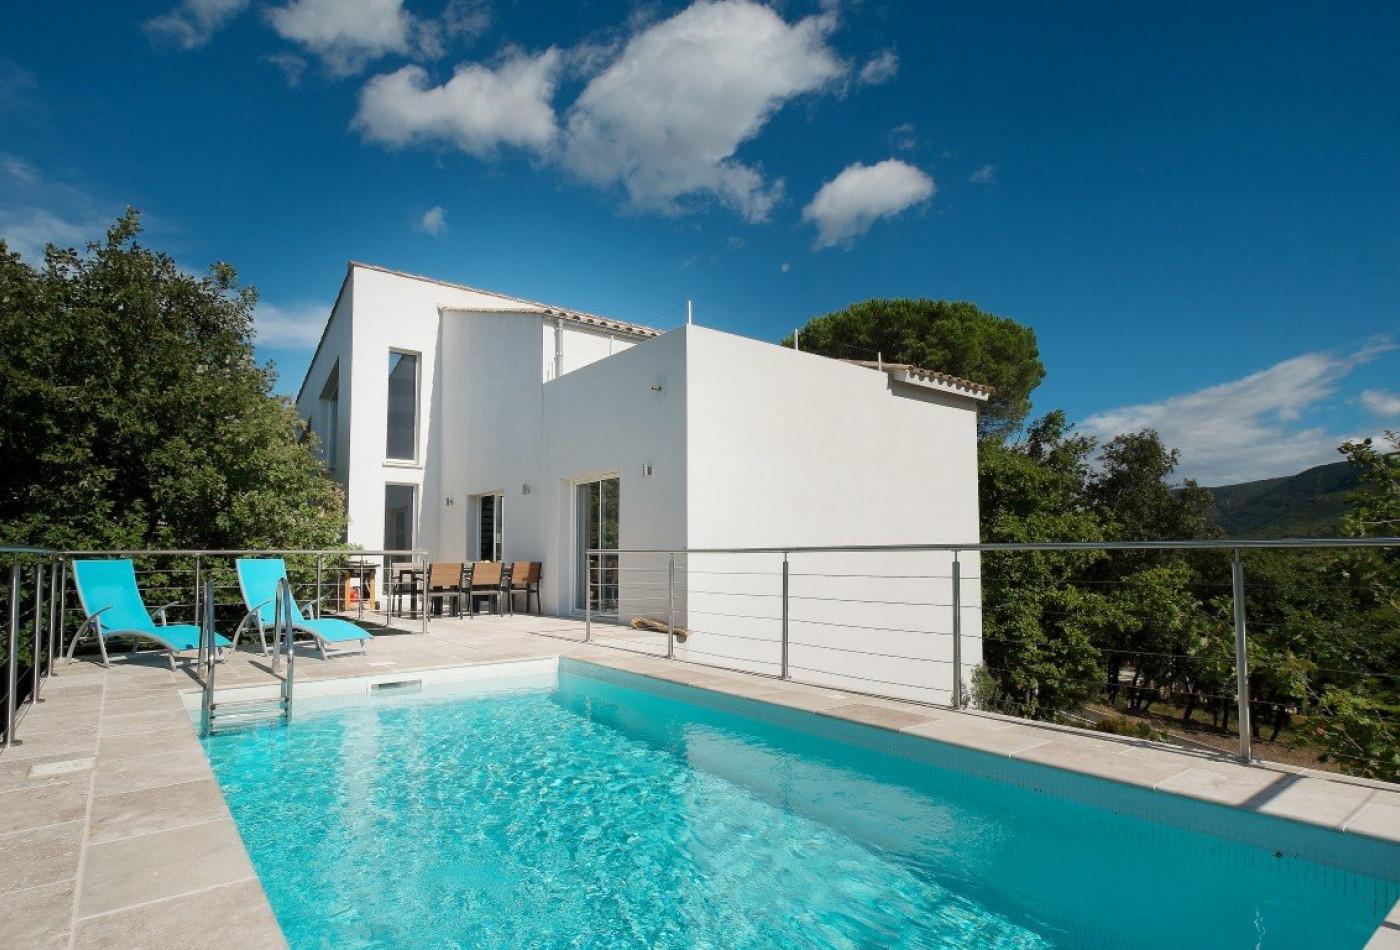 5 rooms 150m² maison contemporaine for sale in lamalou les bains 463 500 €